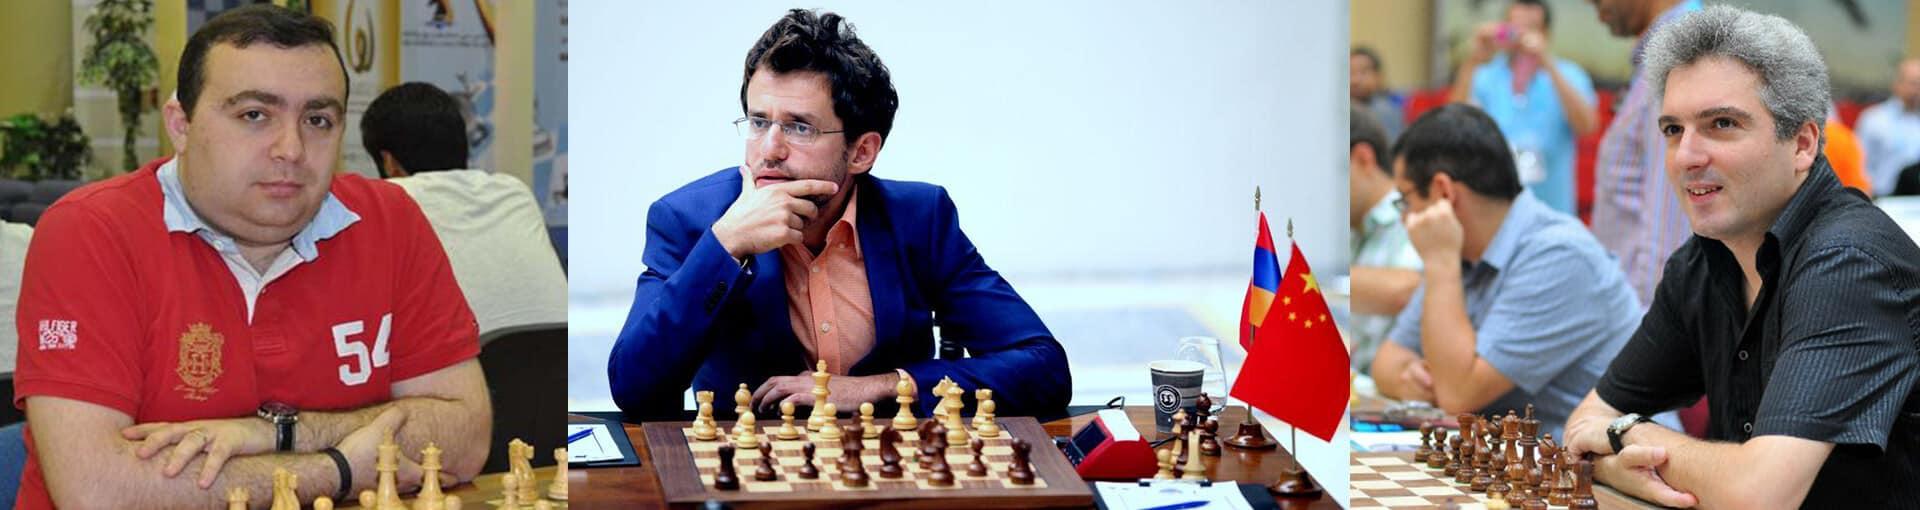 Армянские шахматисты